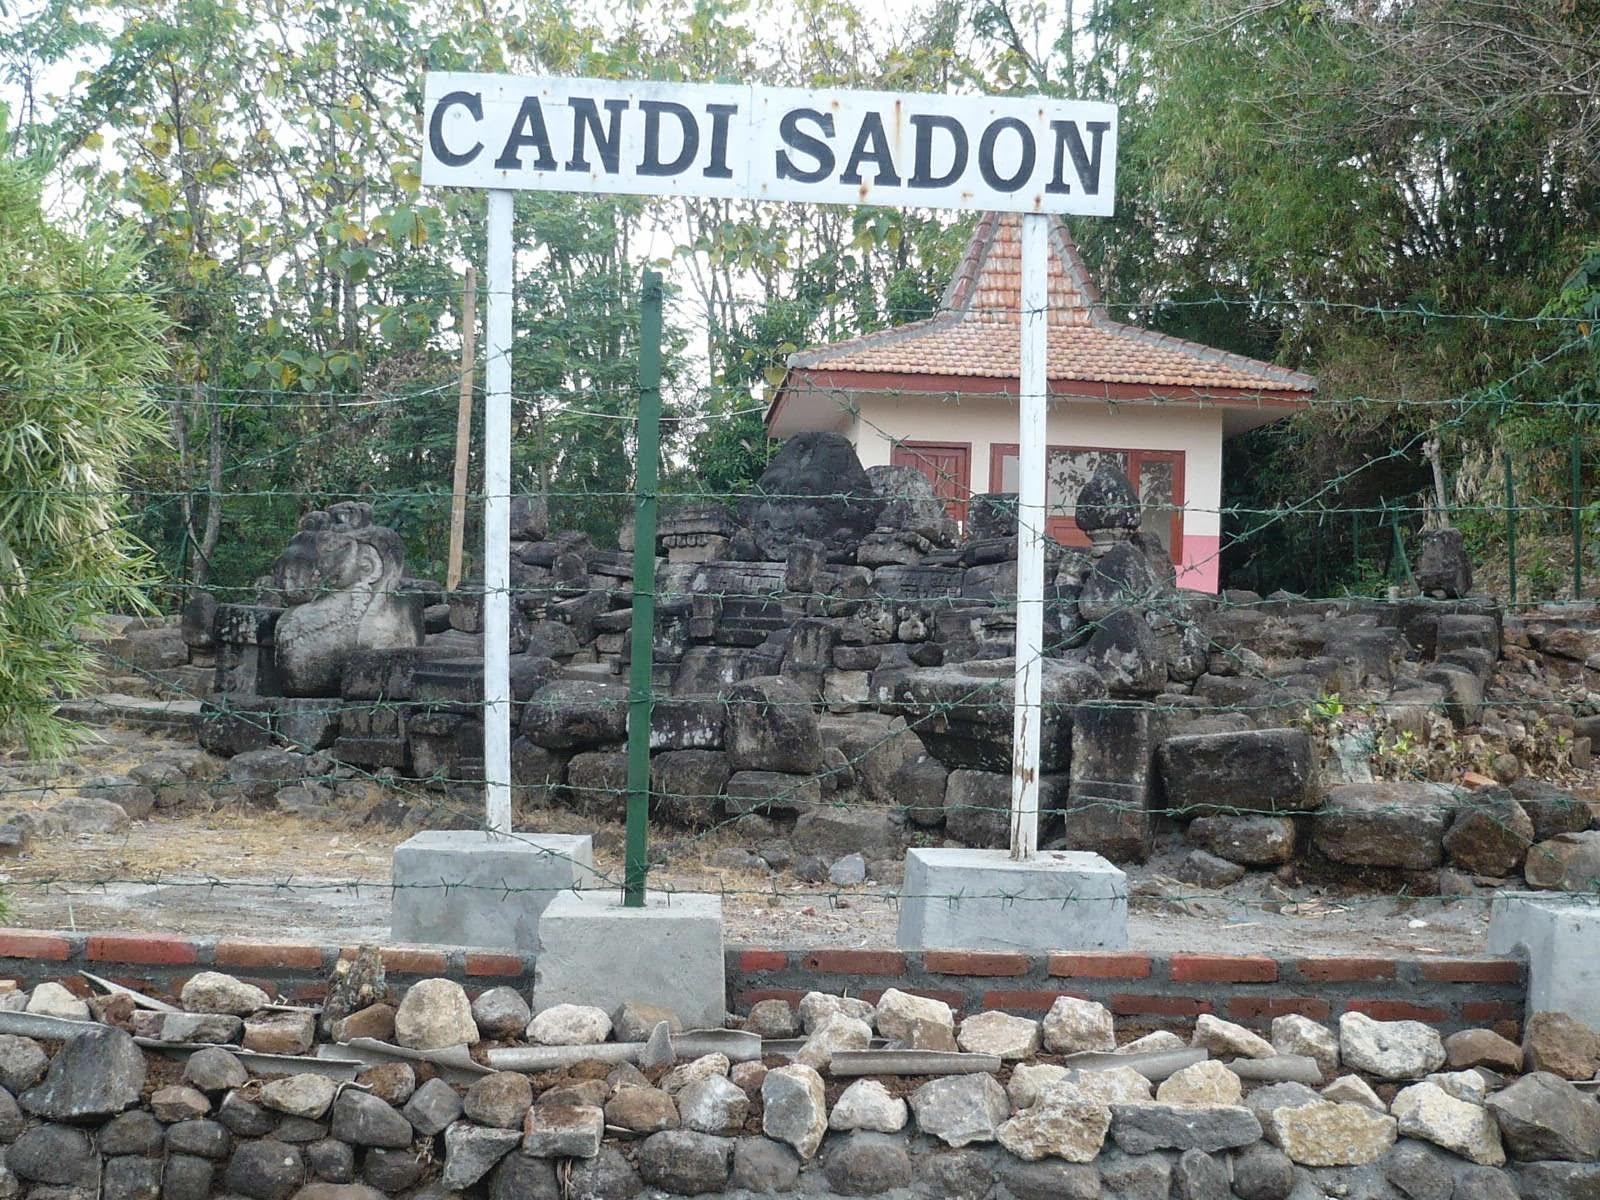 Mawar Sekuntum Candi Sadon Panekan Magetan Terletak Dusun Desa Cepoko